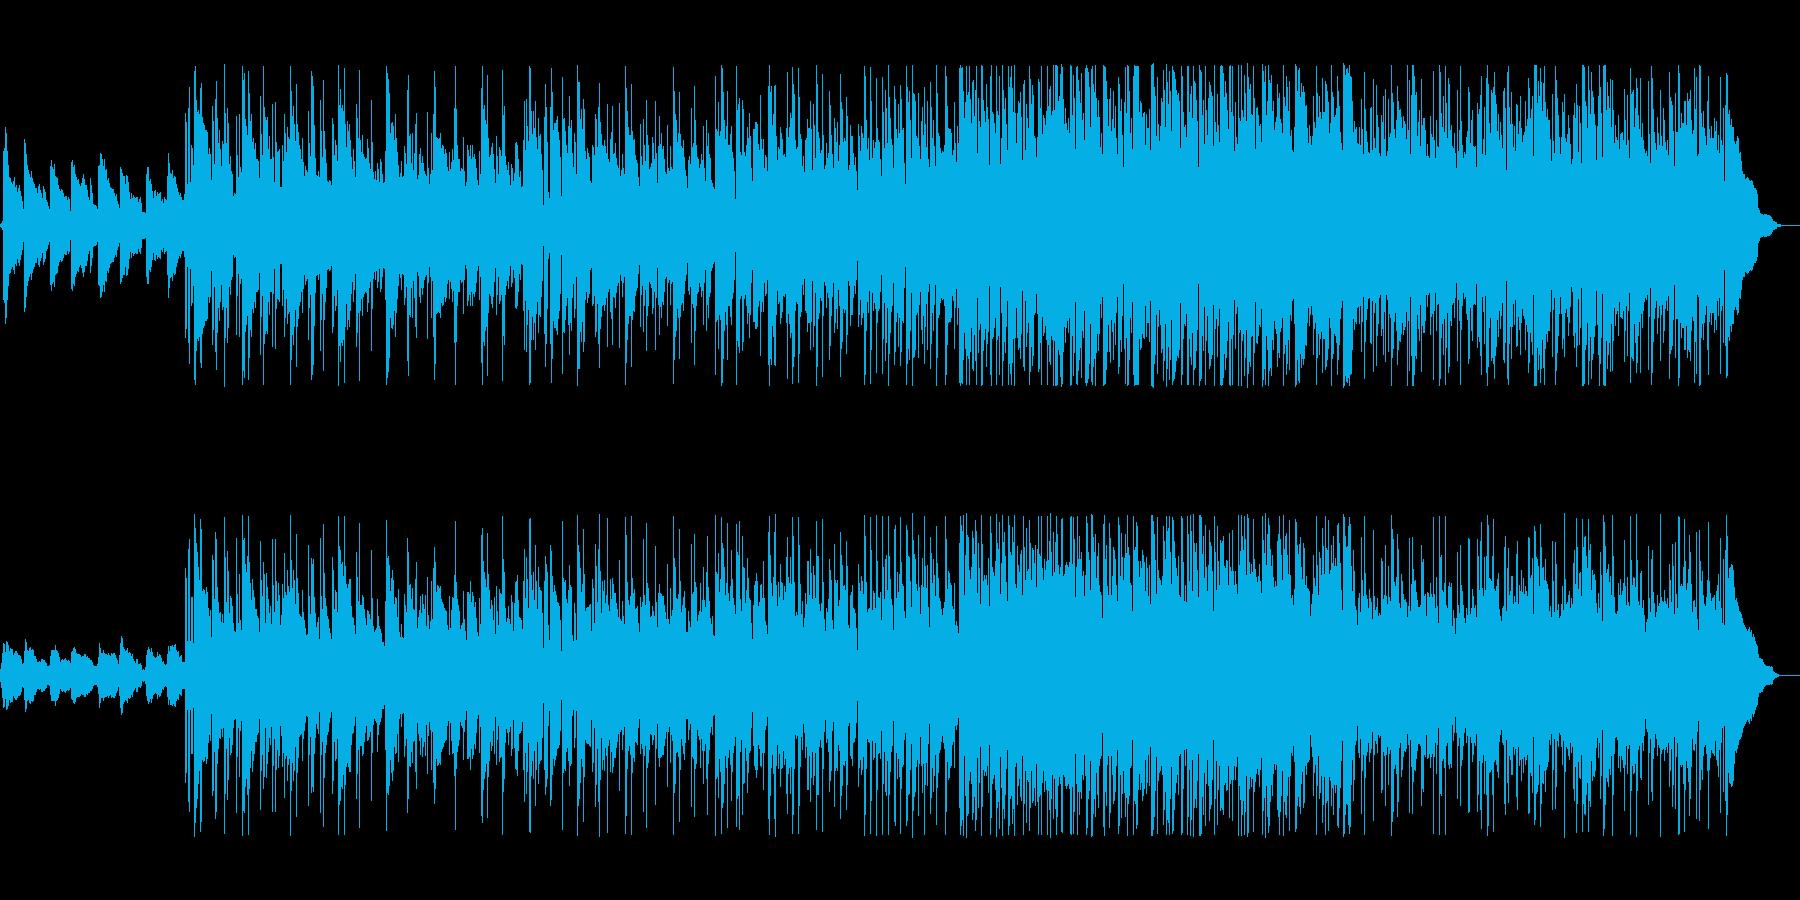 緩やかで軽やかなアコギポップサウンドの再生済みの波形